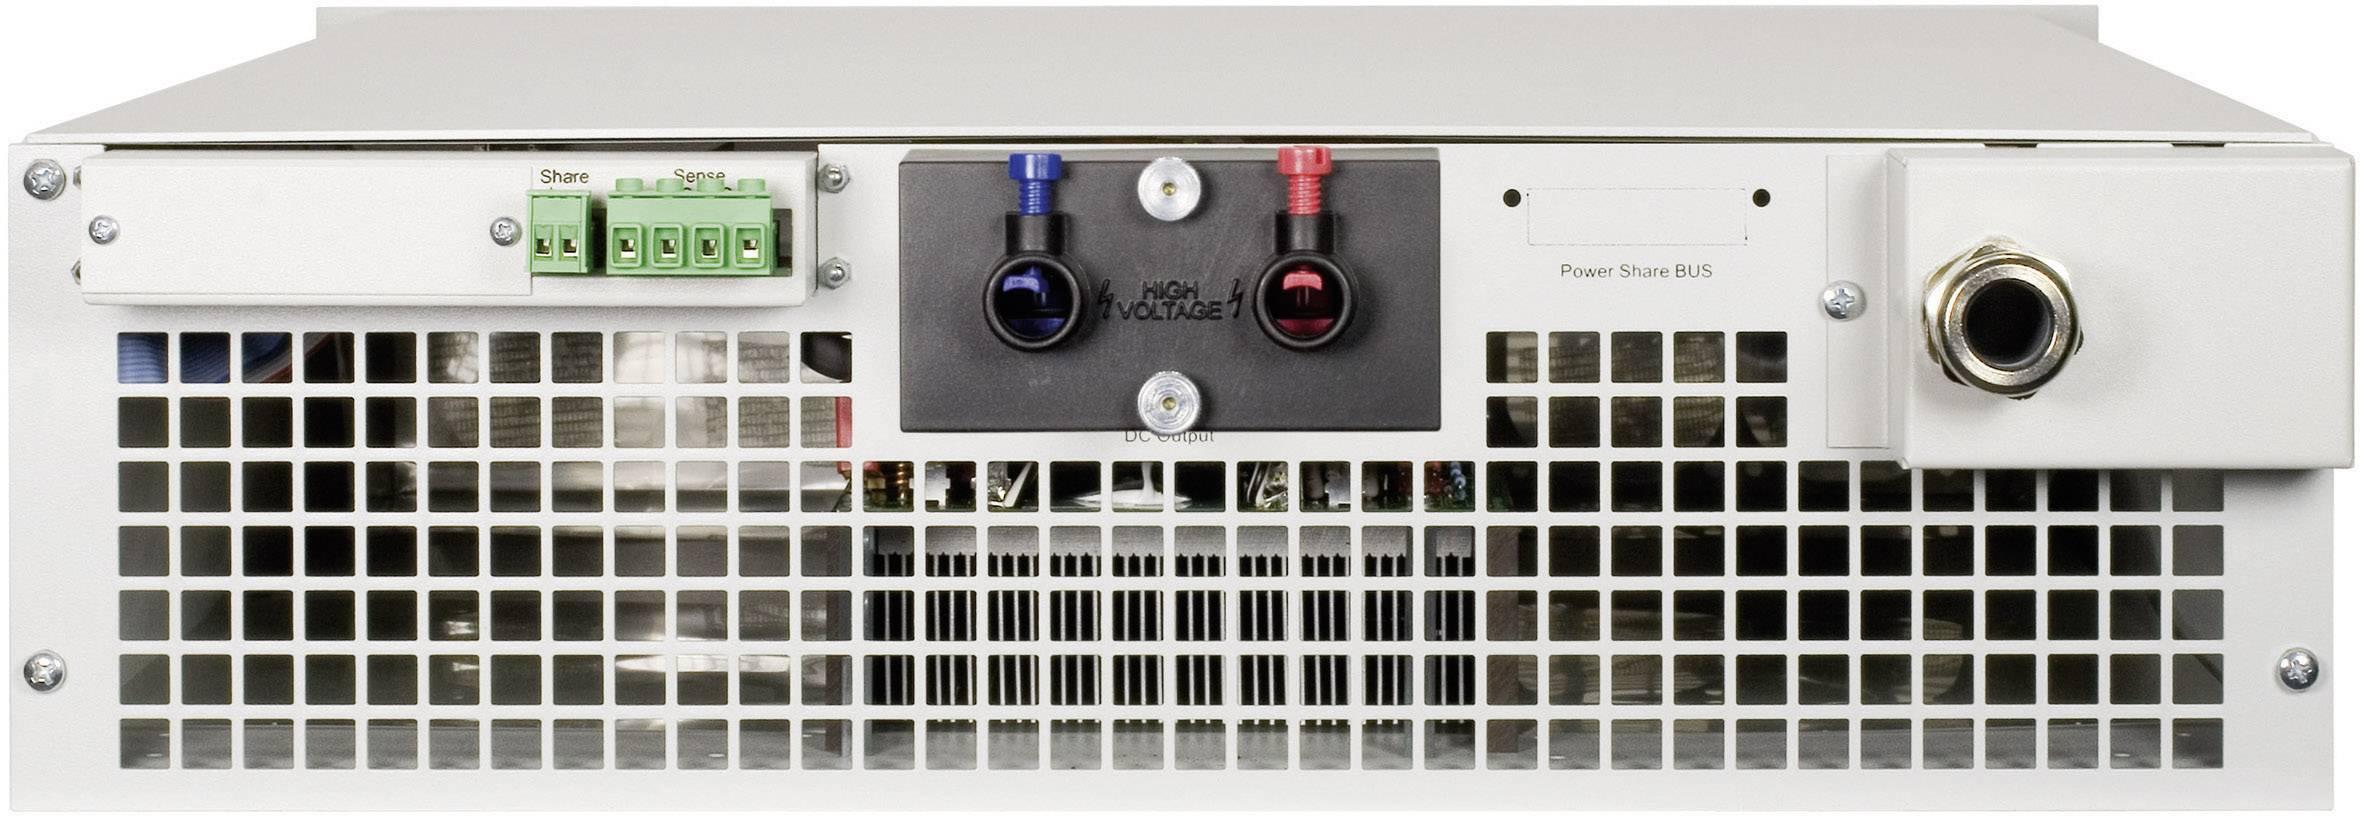 Regulovatelný laboratorní síťový zdroj EA-PS 8200-70 3U, 0 - 200 V/DC, 0 - 70 A, 5000 W